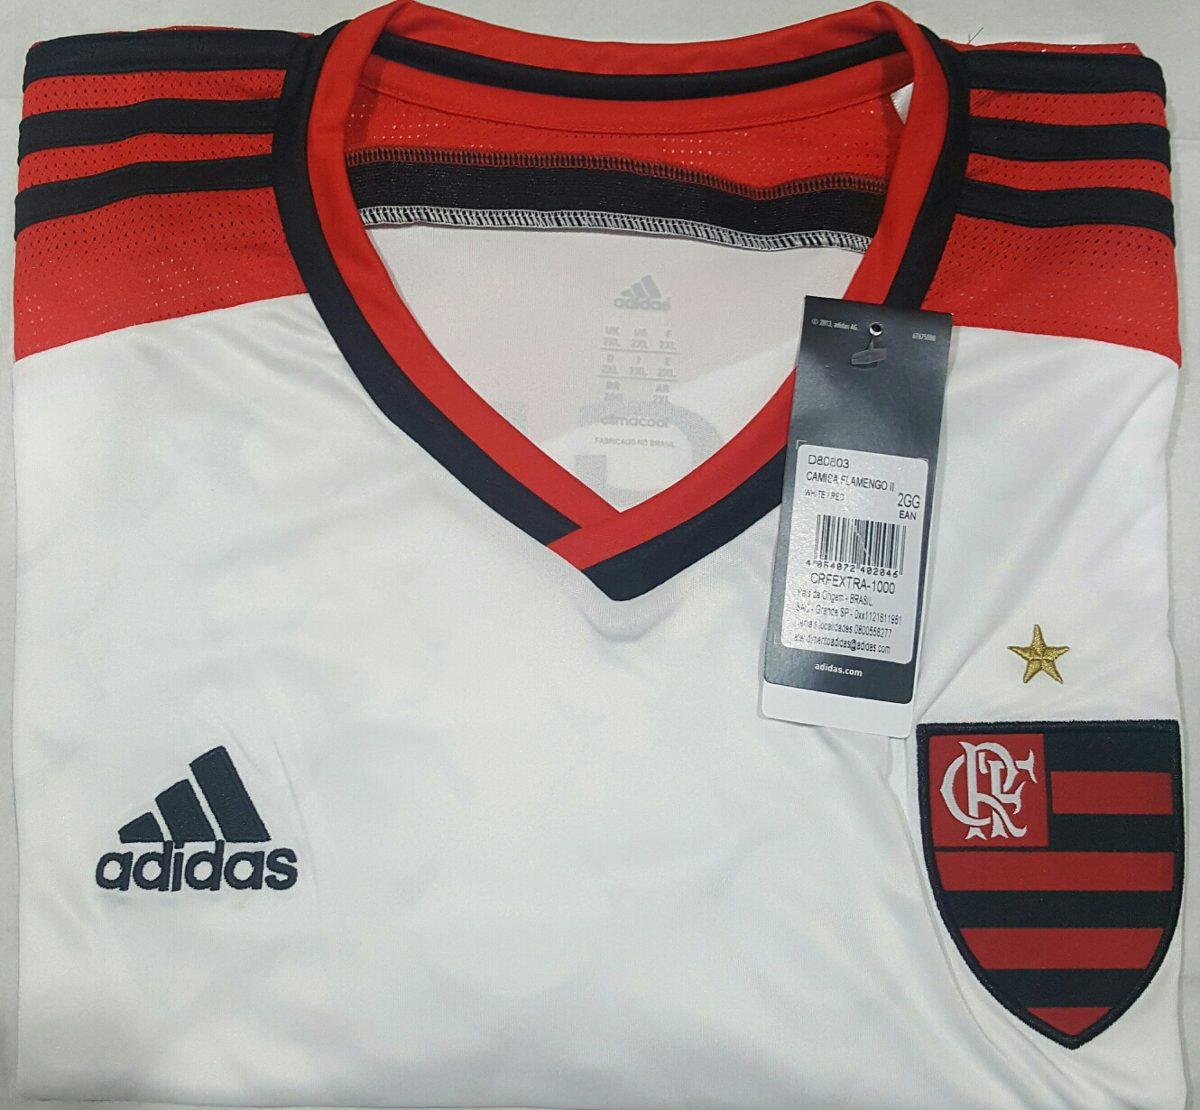 Camisa Flamengo adidas Gg   2gg Parcela S juros - R  160 8bc04a8d4fbba